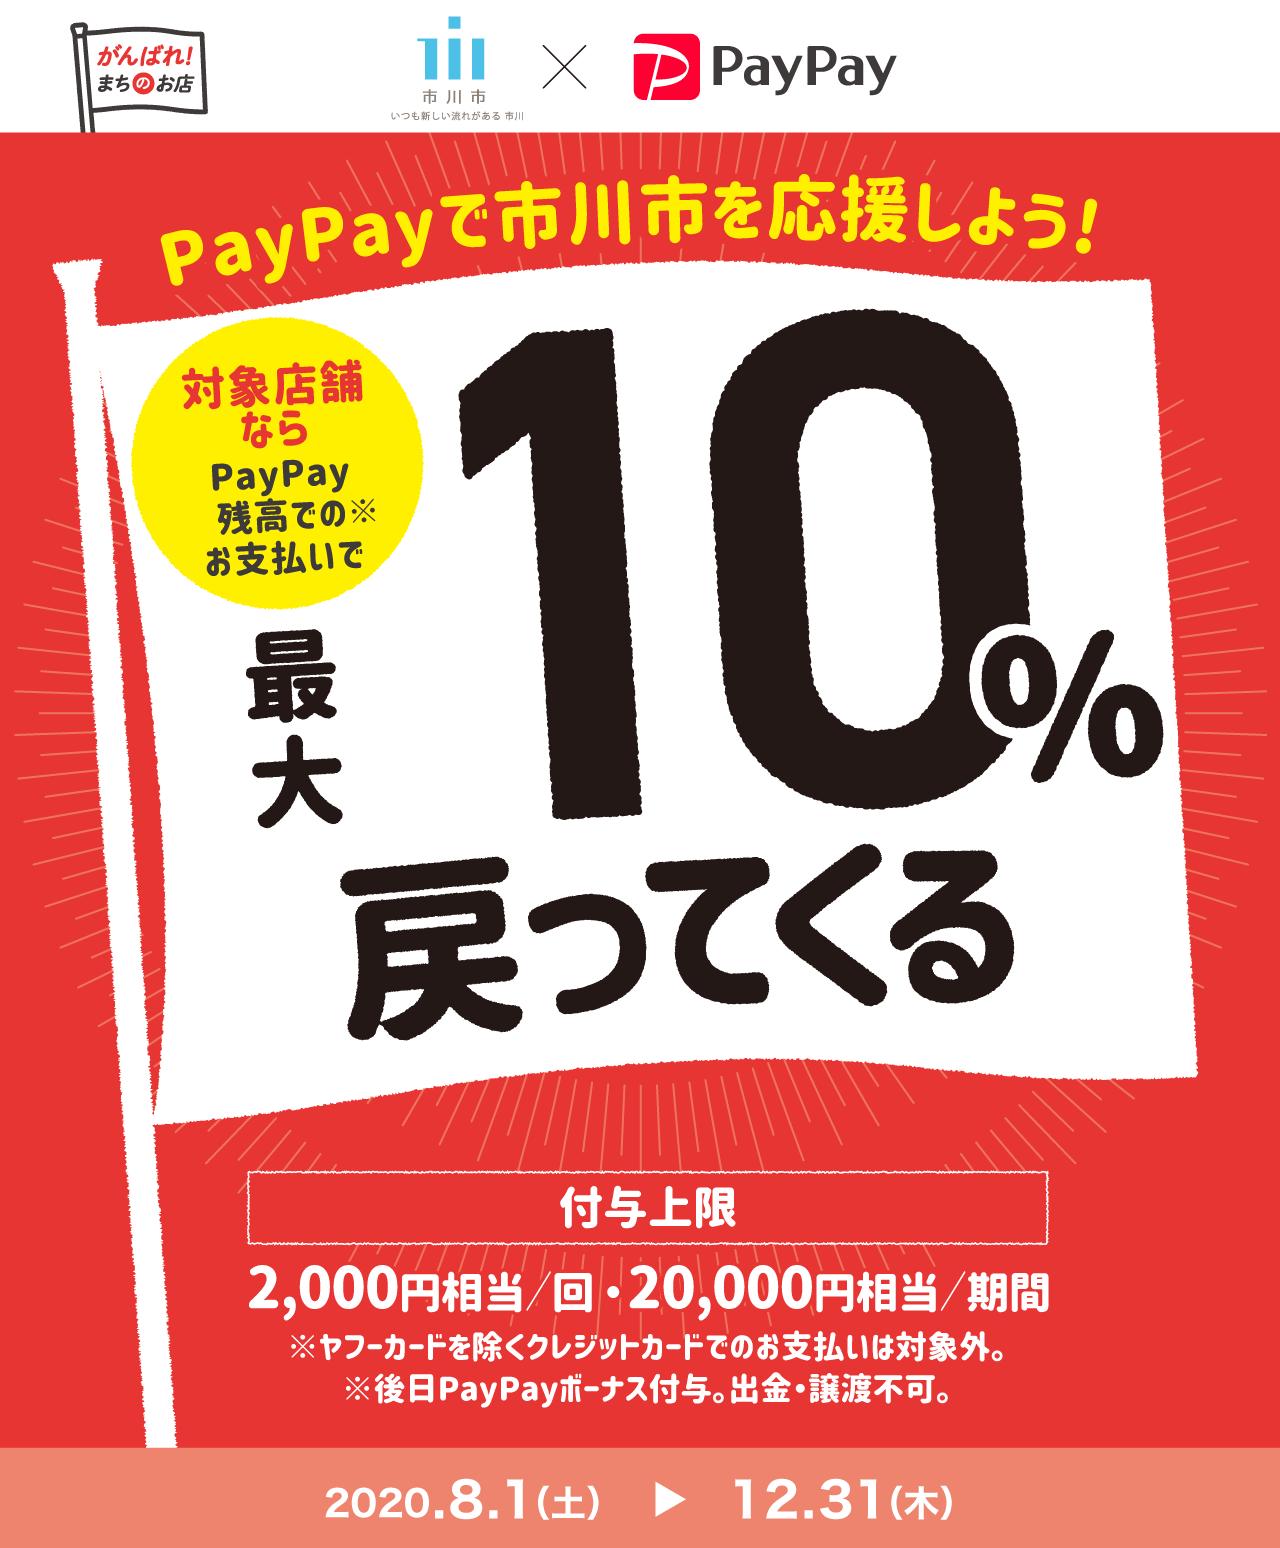 PayPayで市川市を応援しよう! 対象店舗ならPayPay残高でのお支払いで最大10%戻ってくる